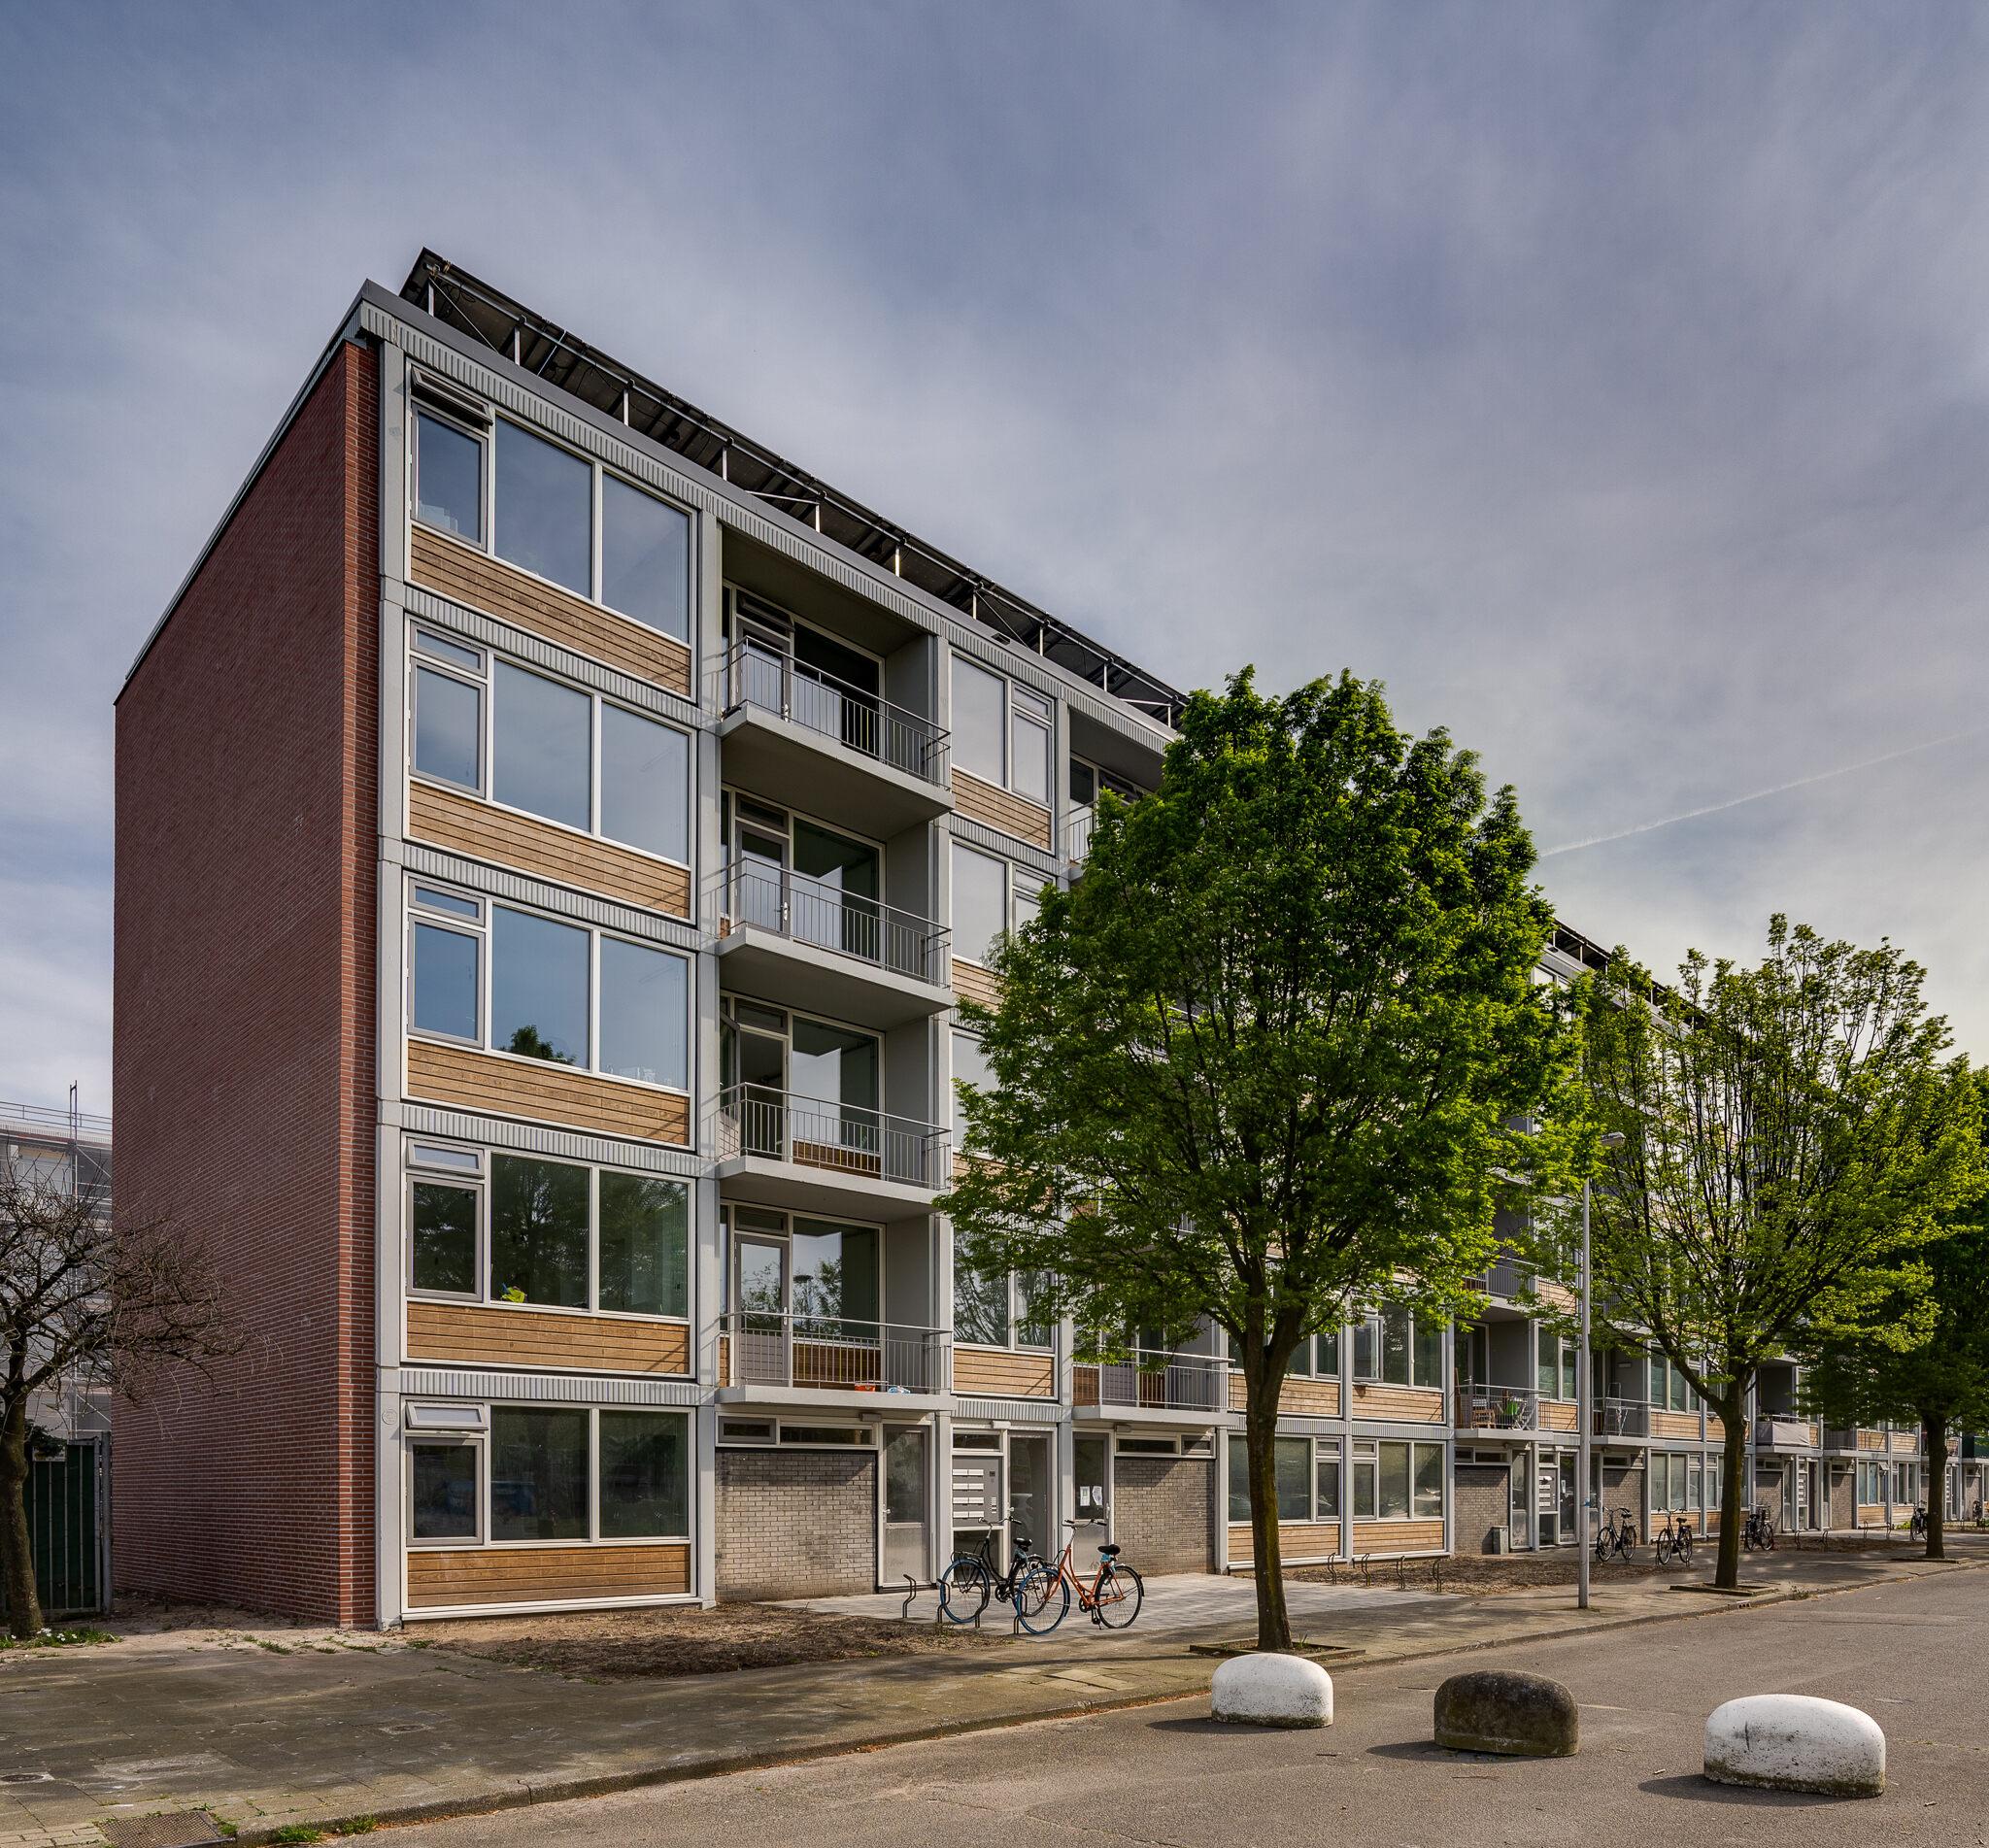 De renovatie van de Flat met Toekomst van Mitros aan de Camera Obscuradreef in Overvecht is afgerond